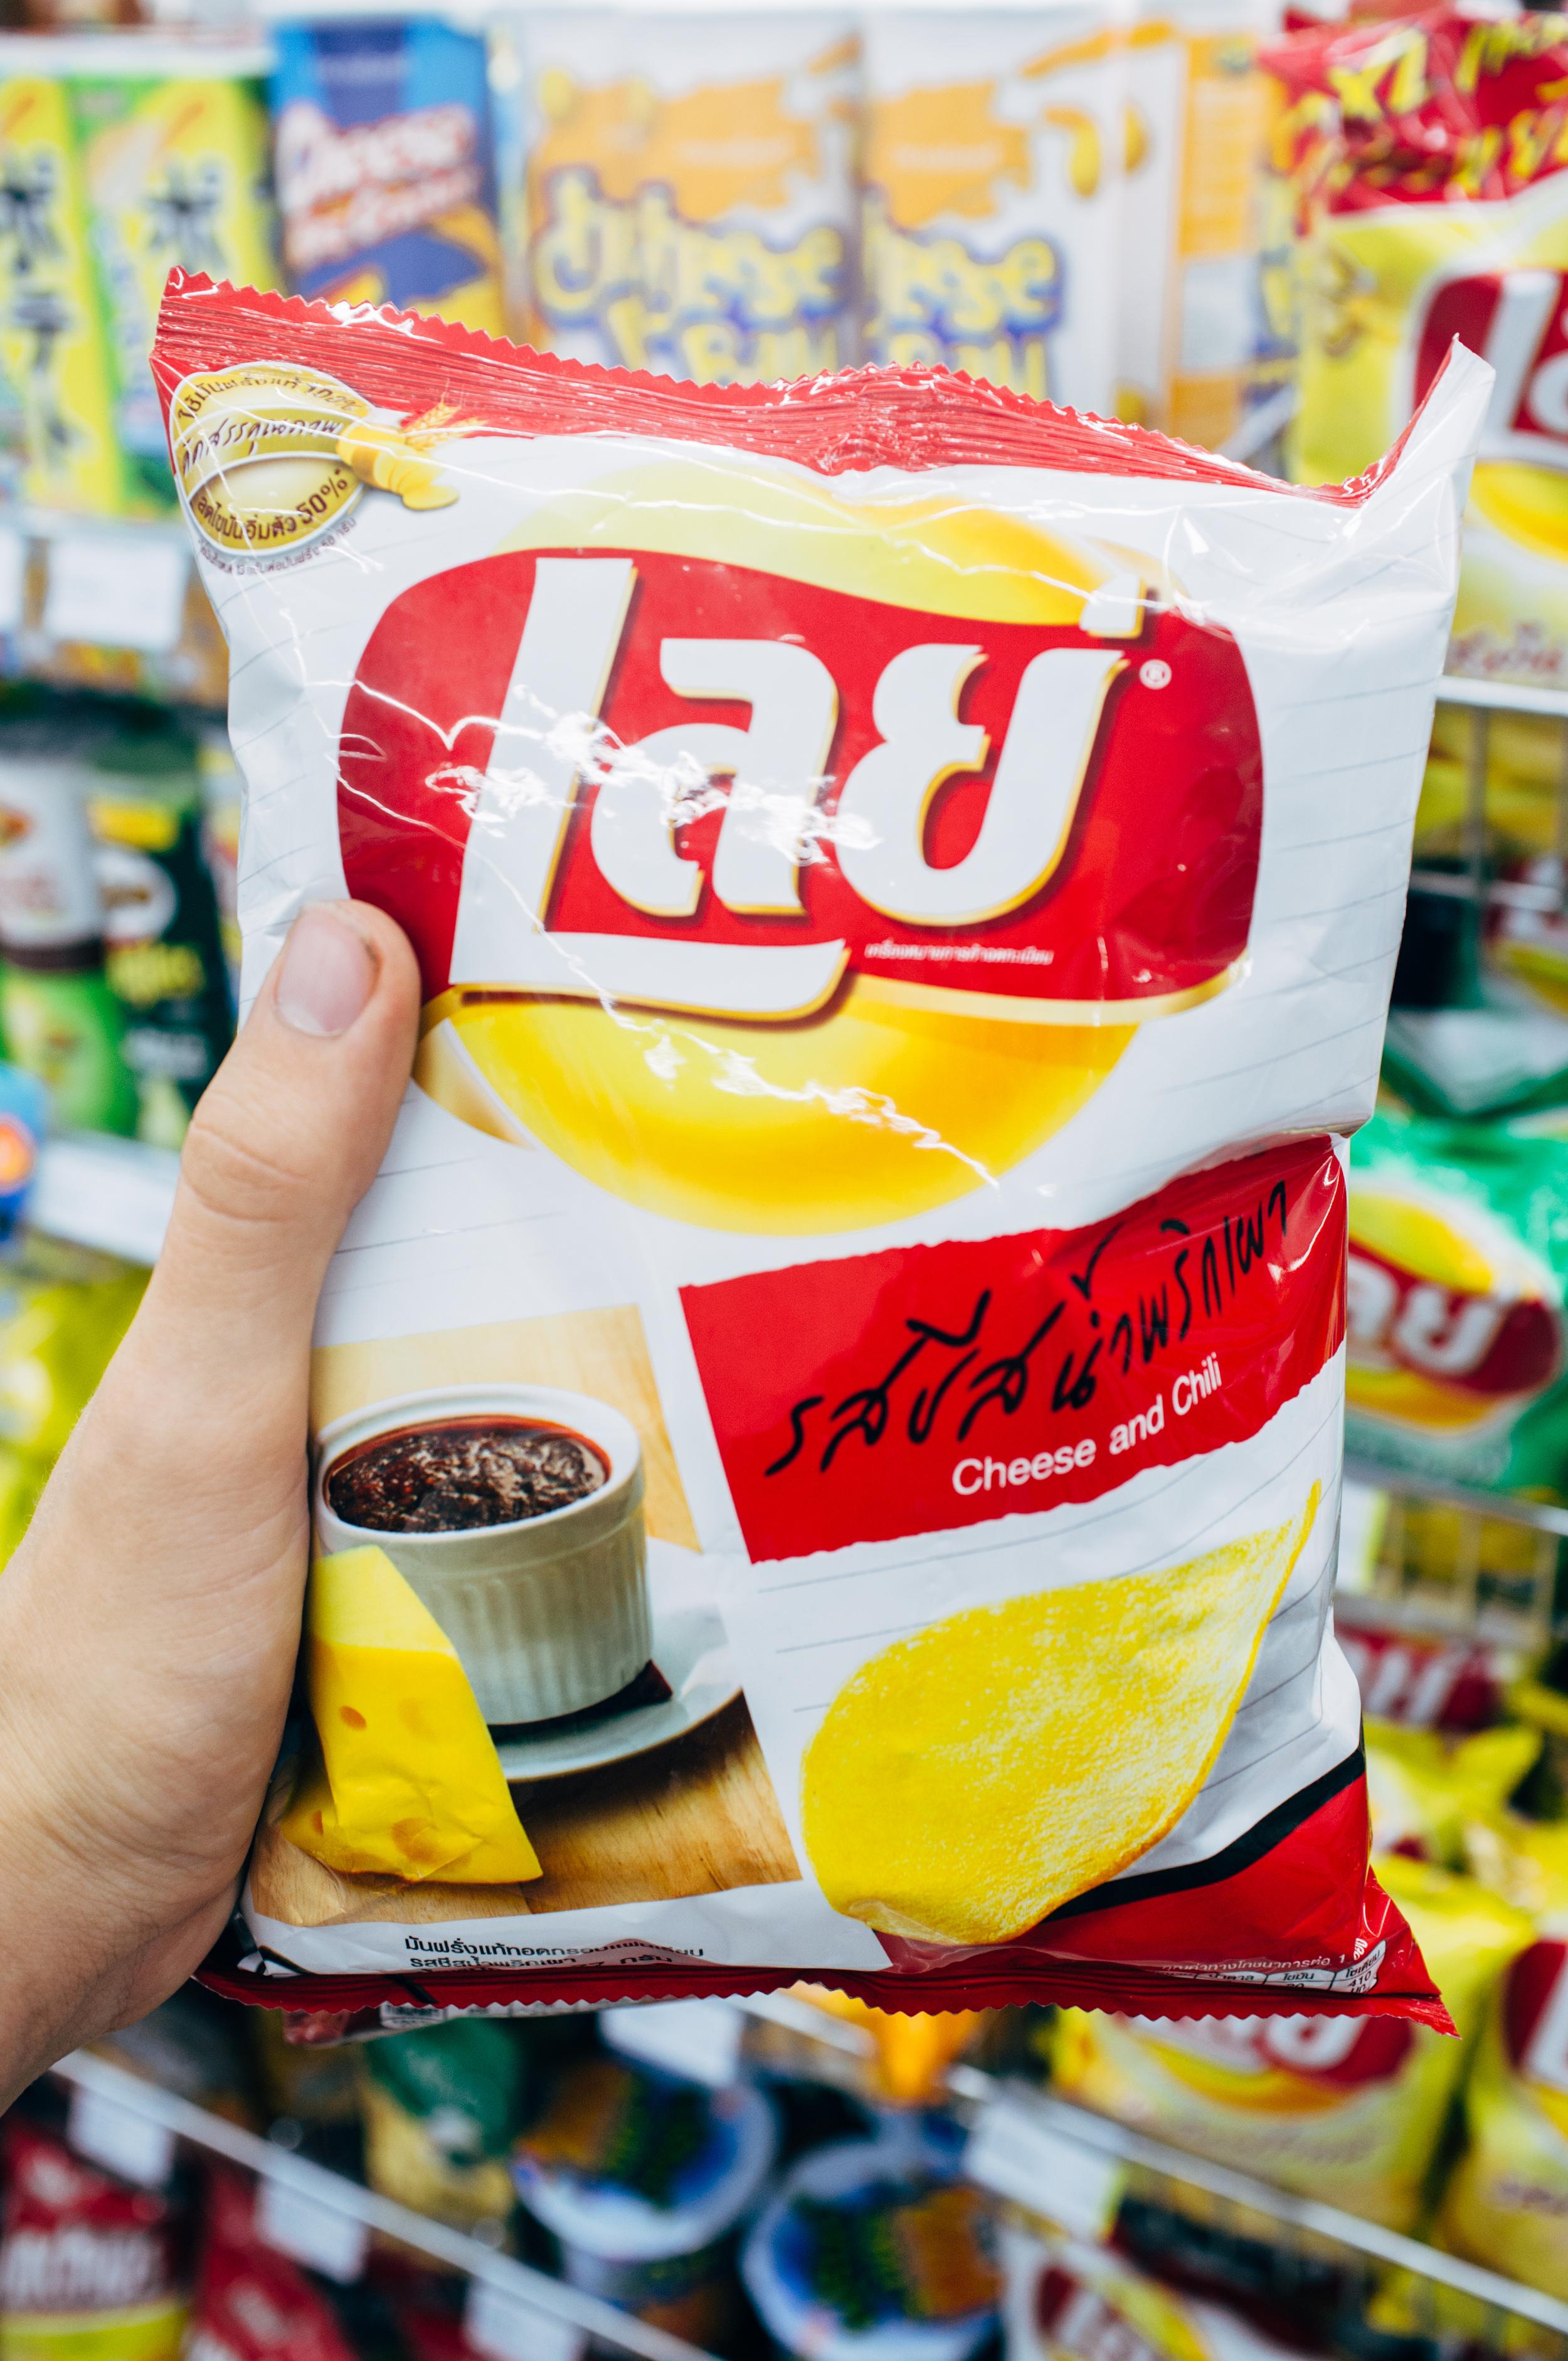 Chips Cheese and Chili.jpg